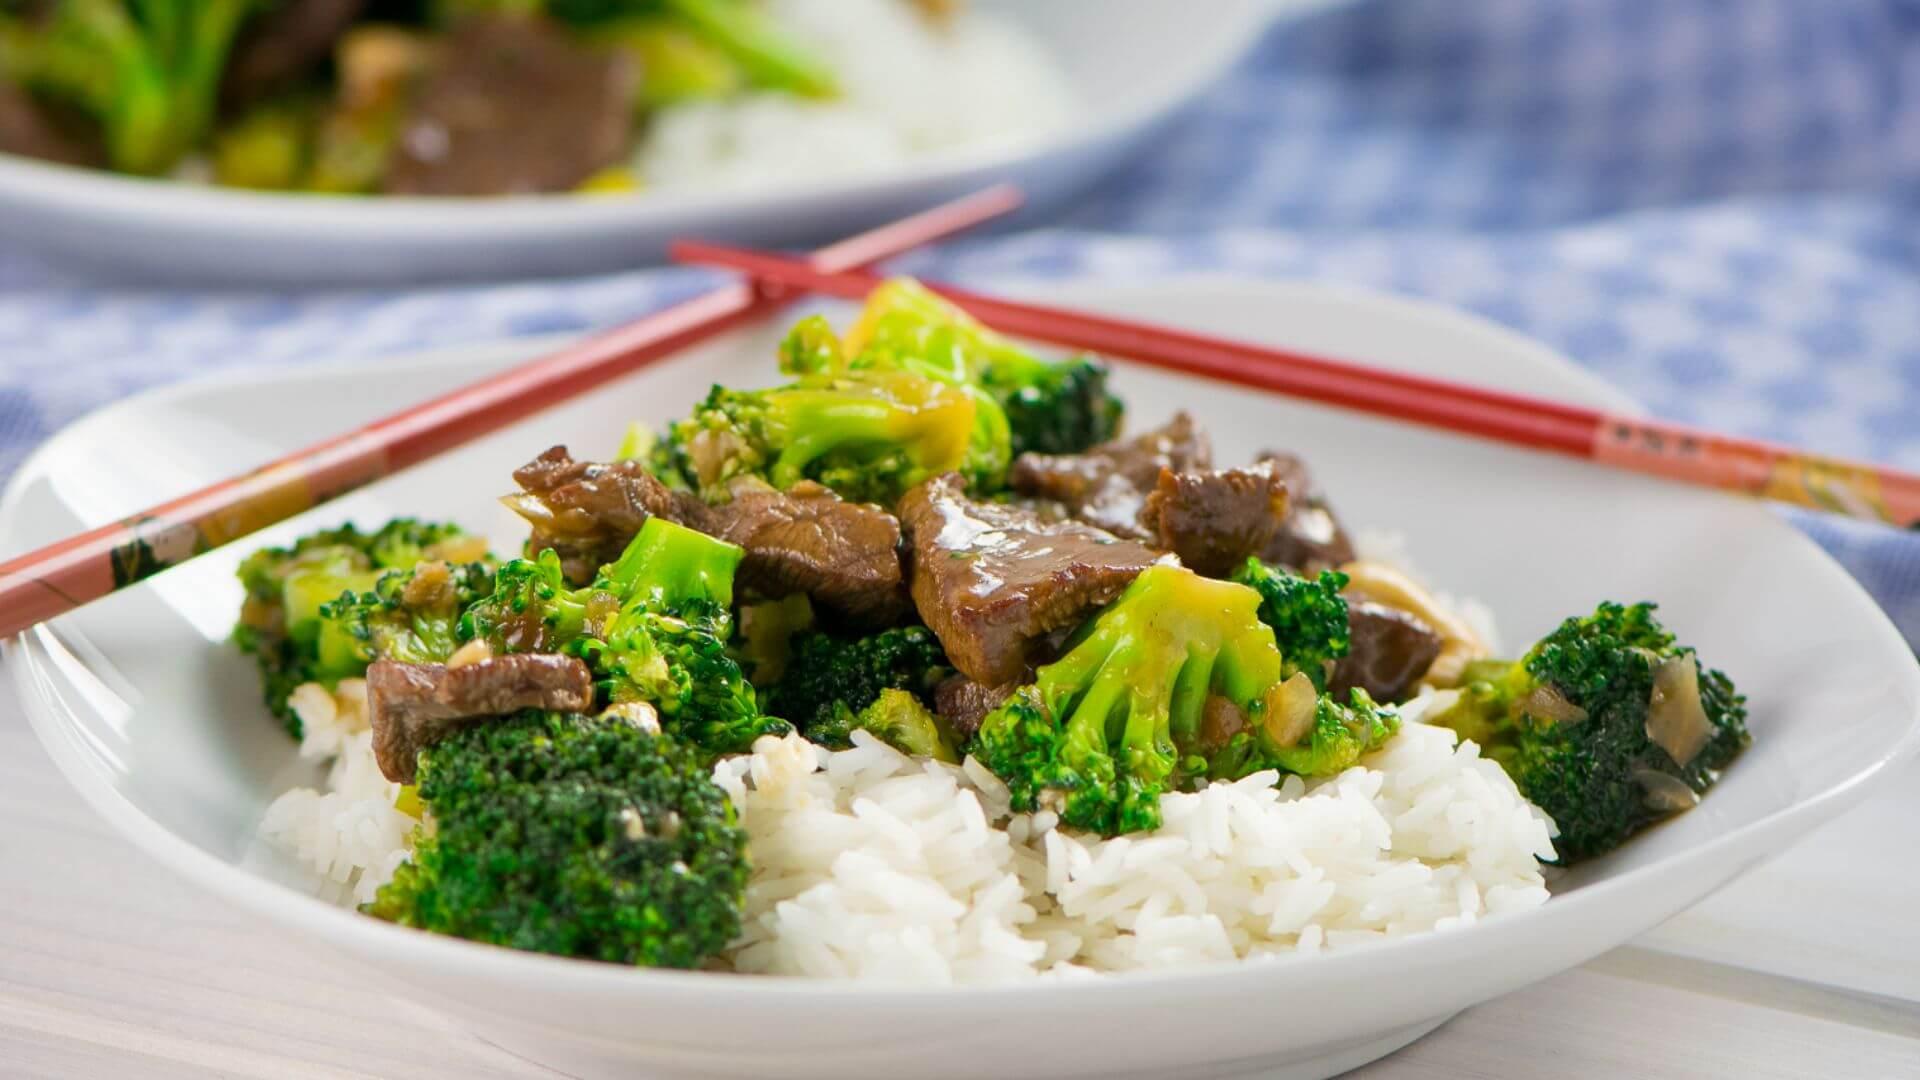 Diese Brokkoli Rindfleisch Pfanne ist super lecker, probiere es am besten direkt selbst aus